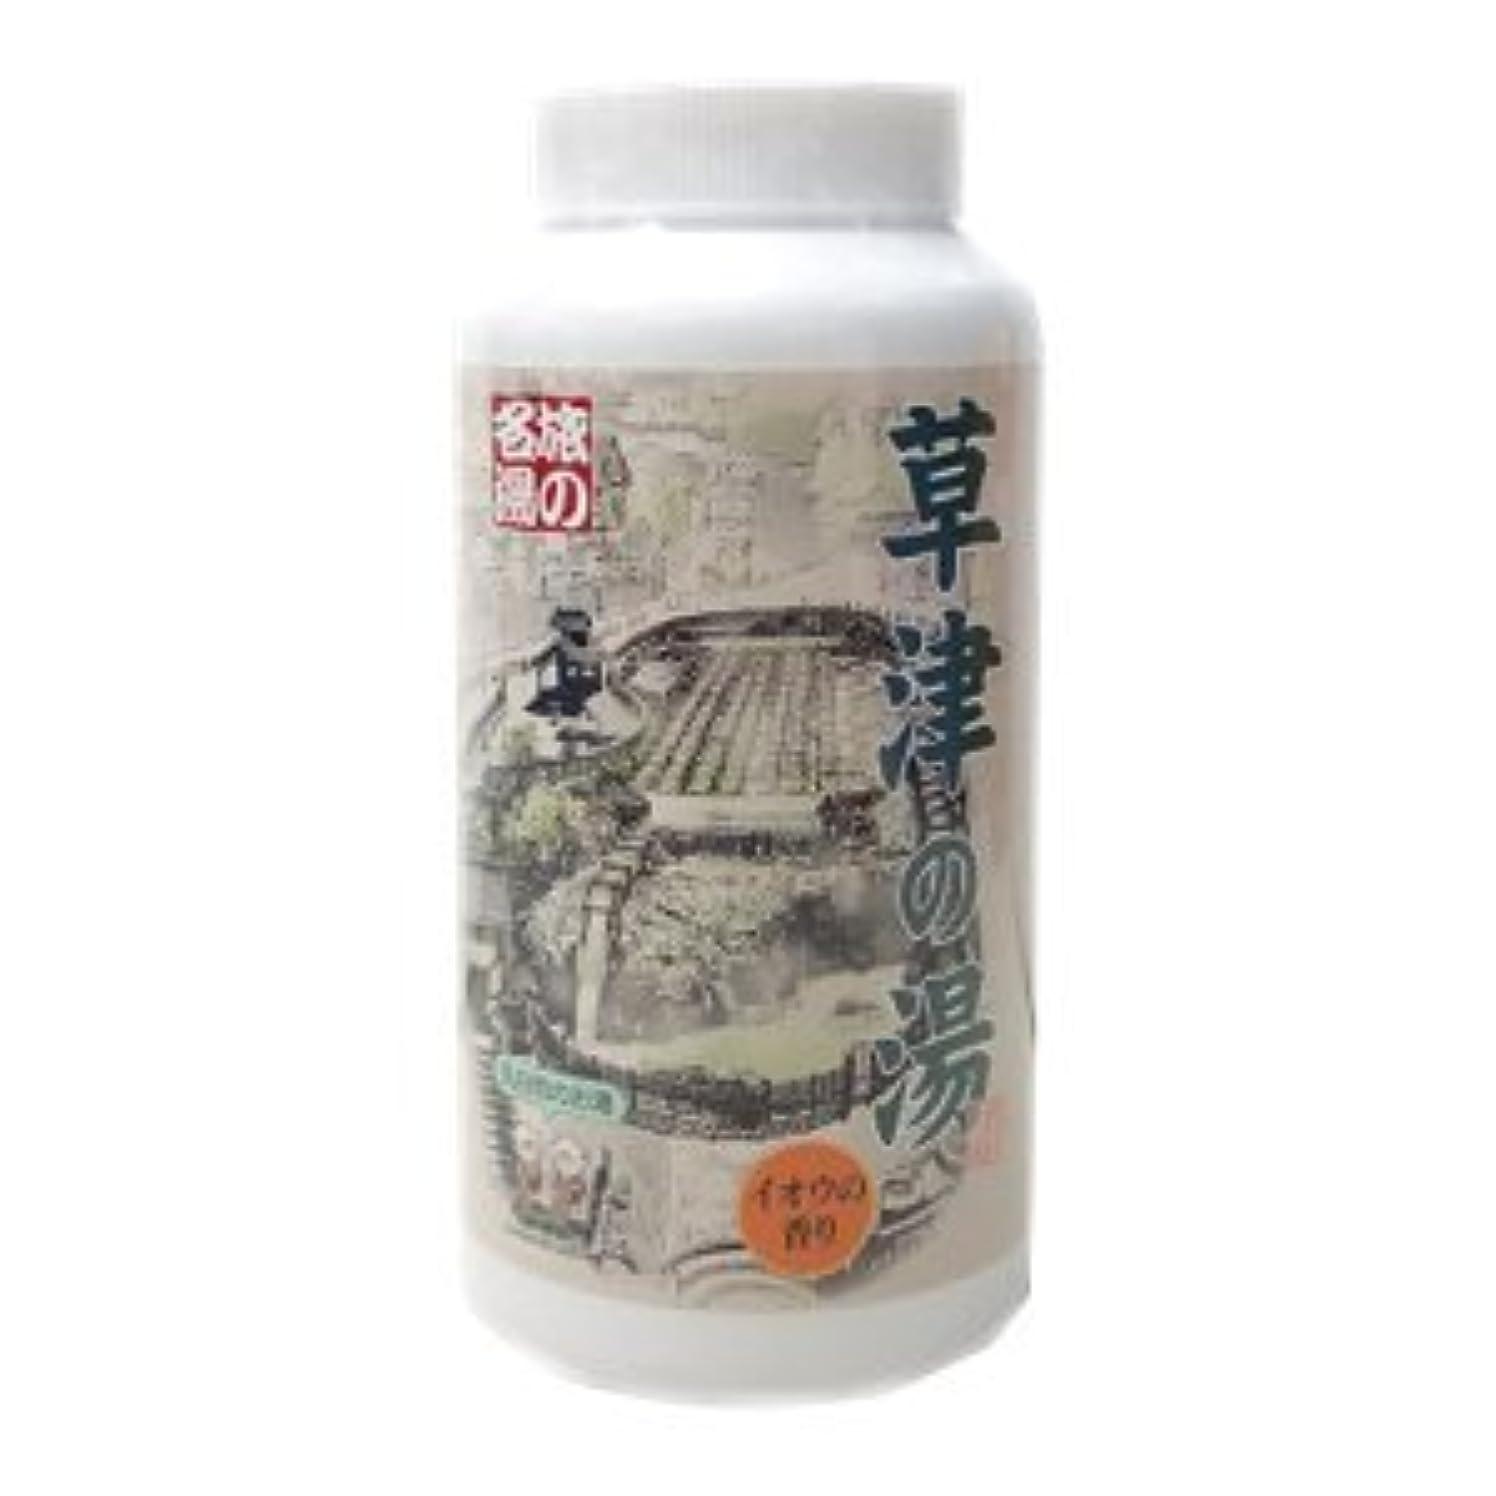 シフト真鍮翻訳者草津の湯入浴剤 『イオウの香り』 乳白色のお湯 500g 20回分